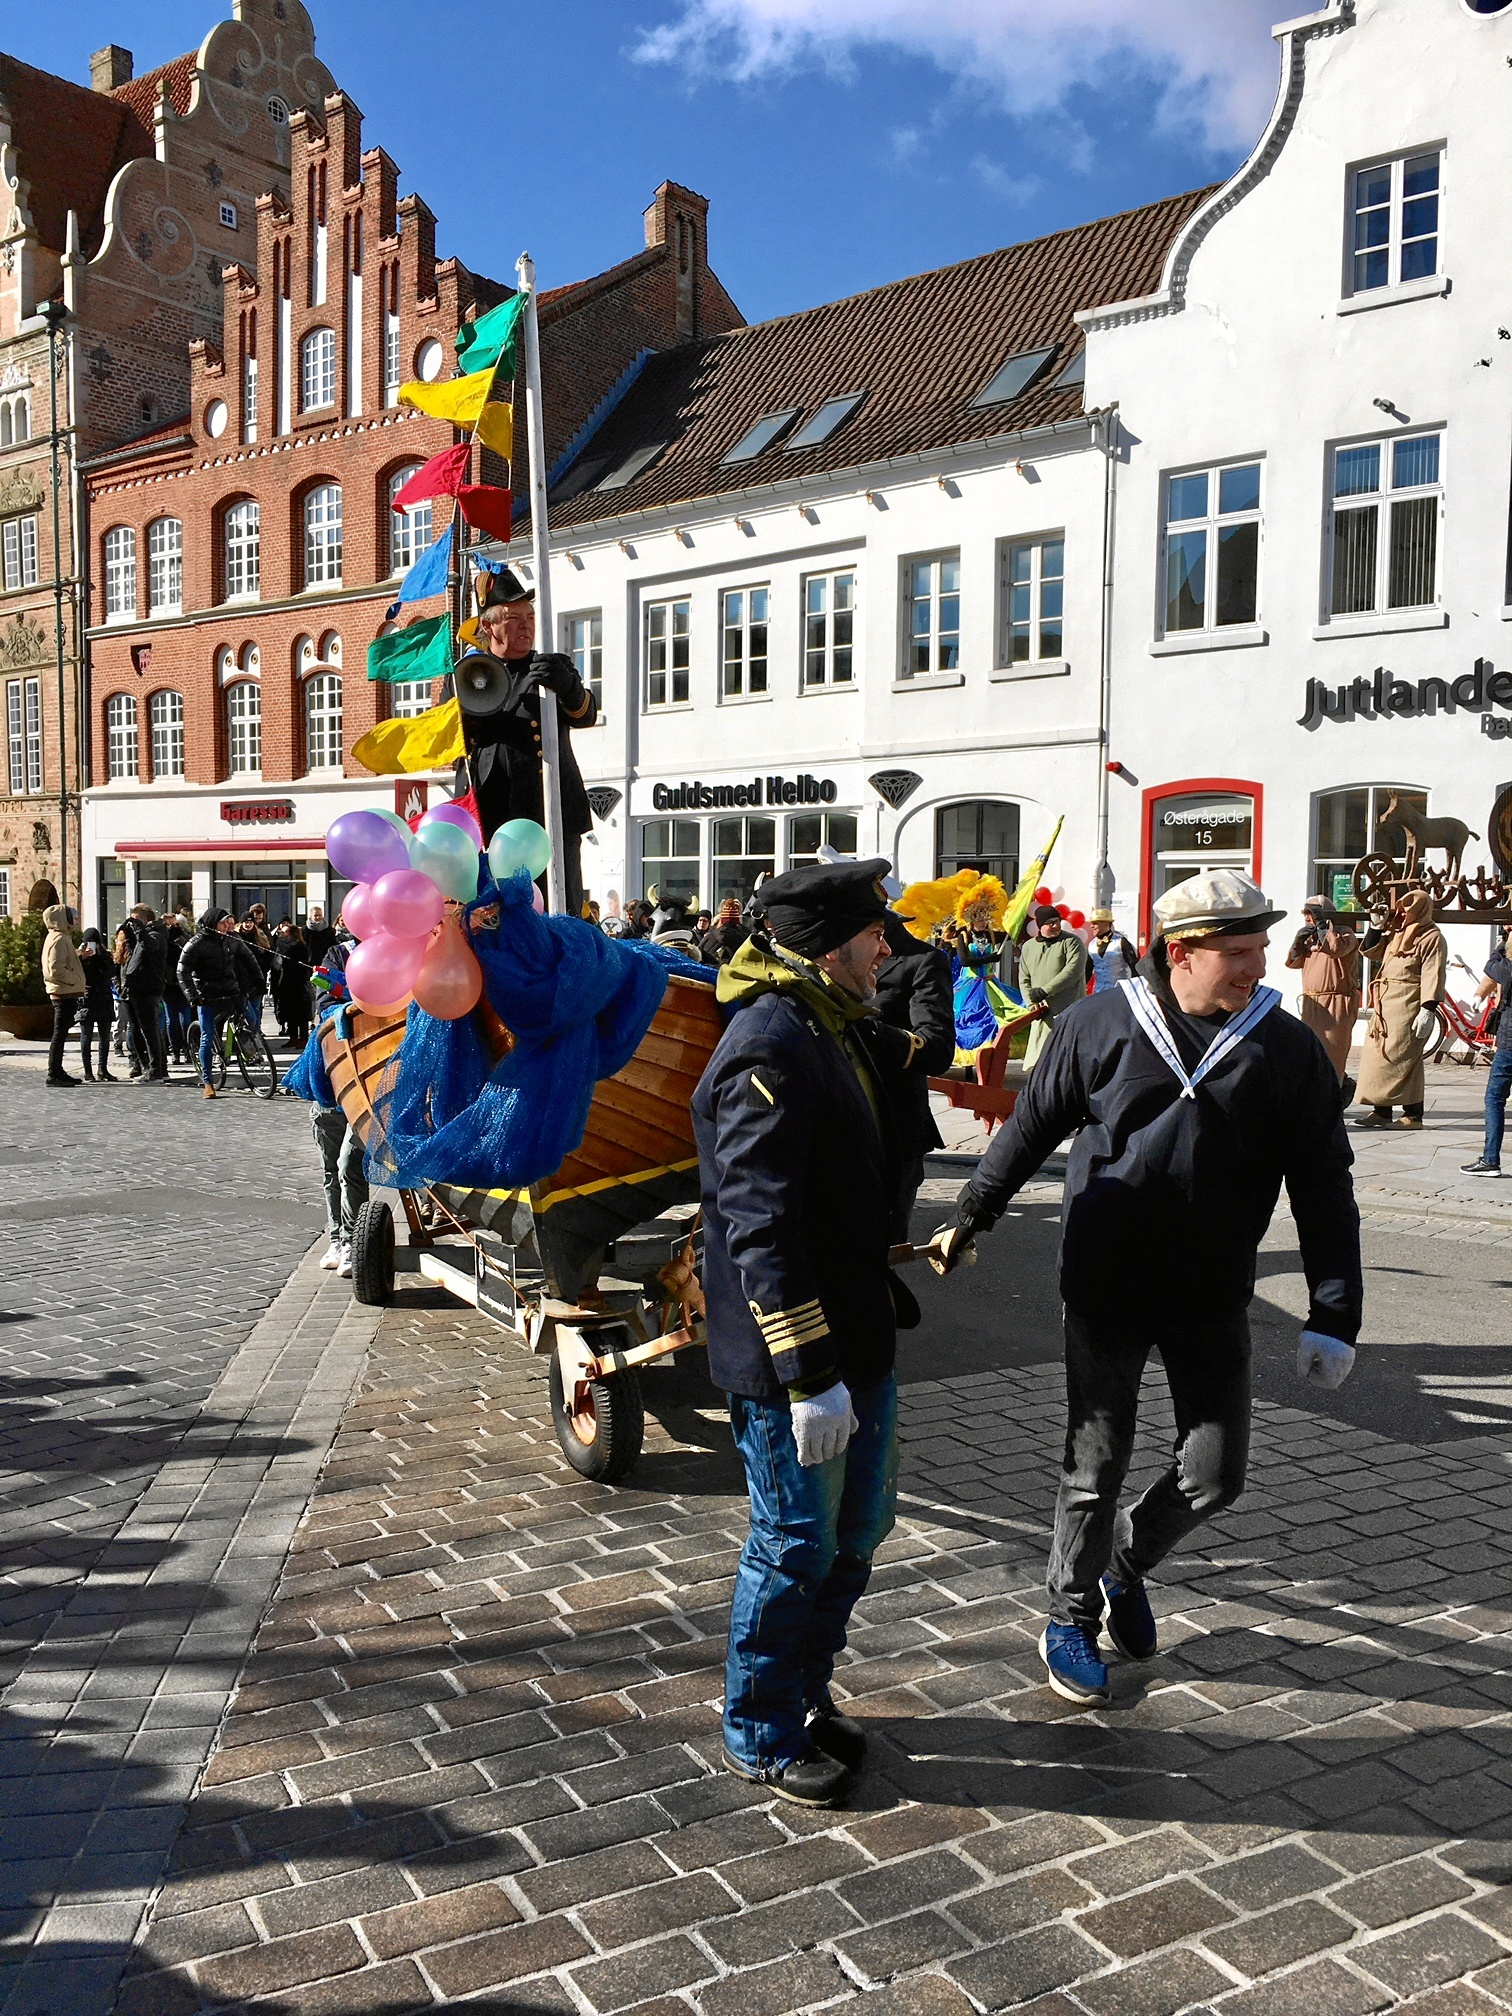 Nu er det forår: Karnevalsoptog går gennem byen i morgen